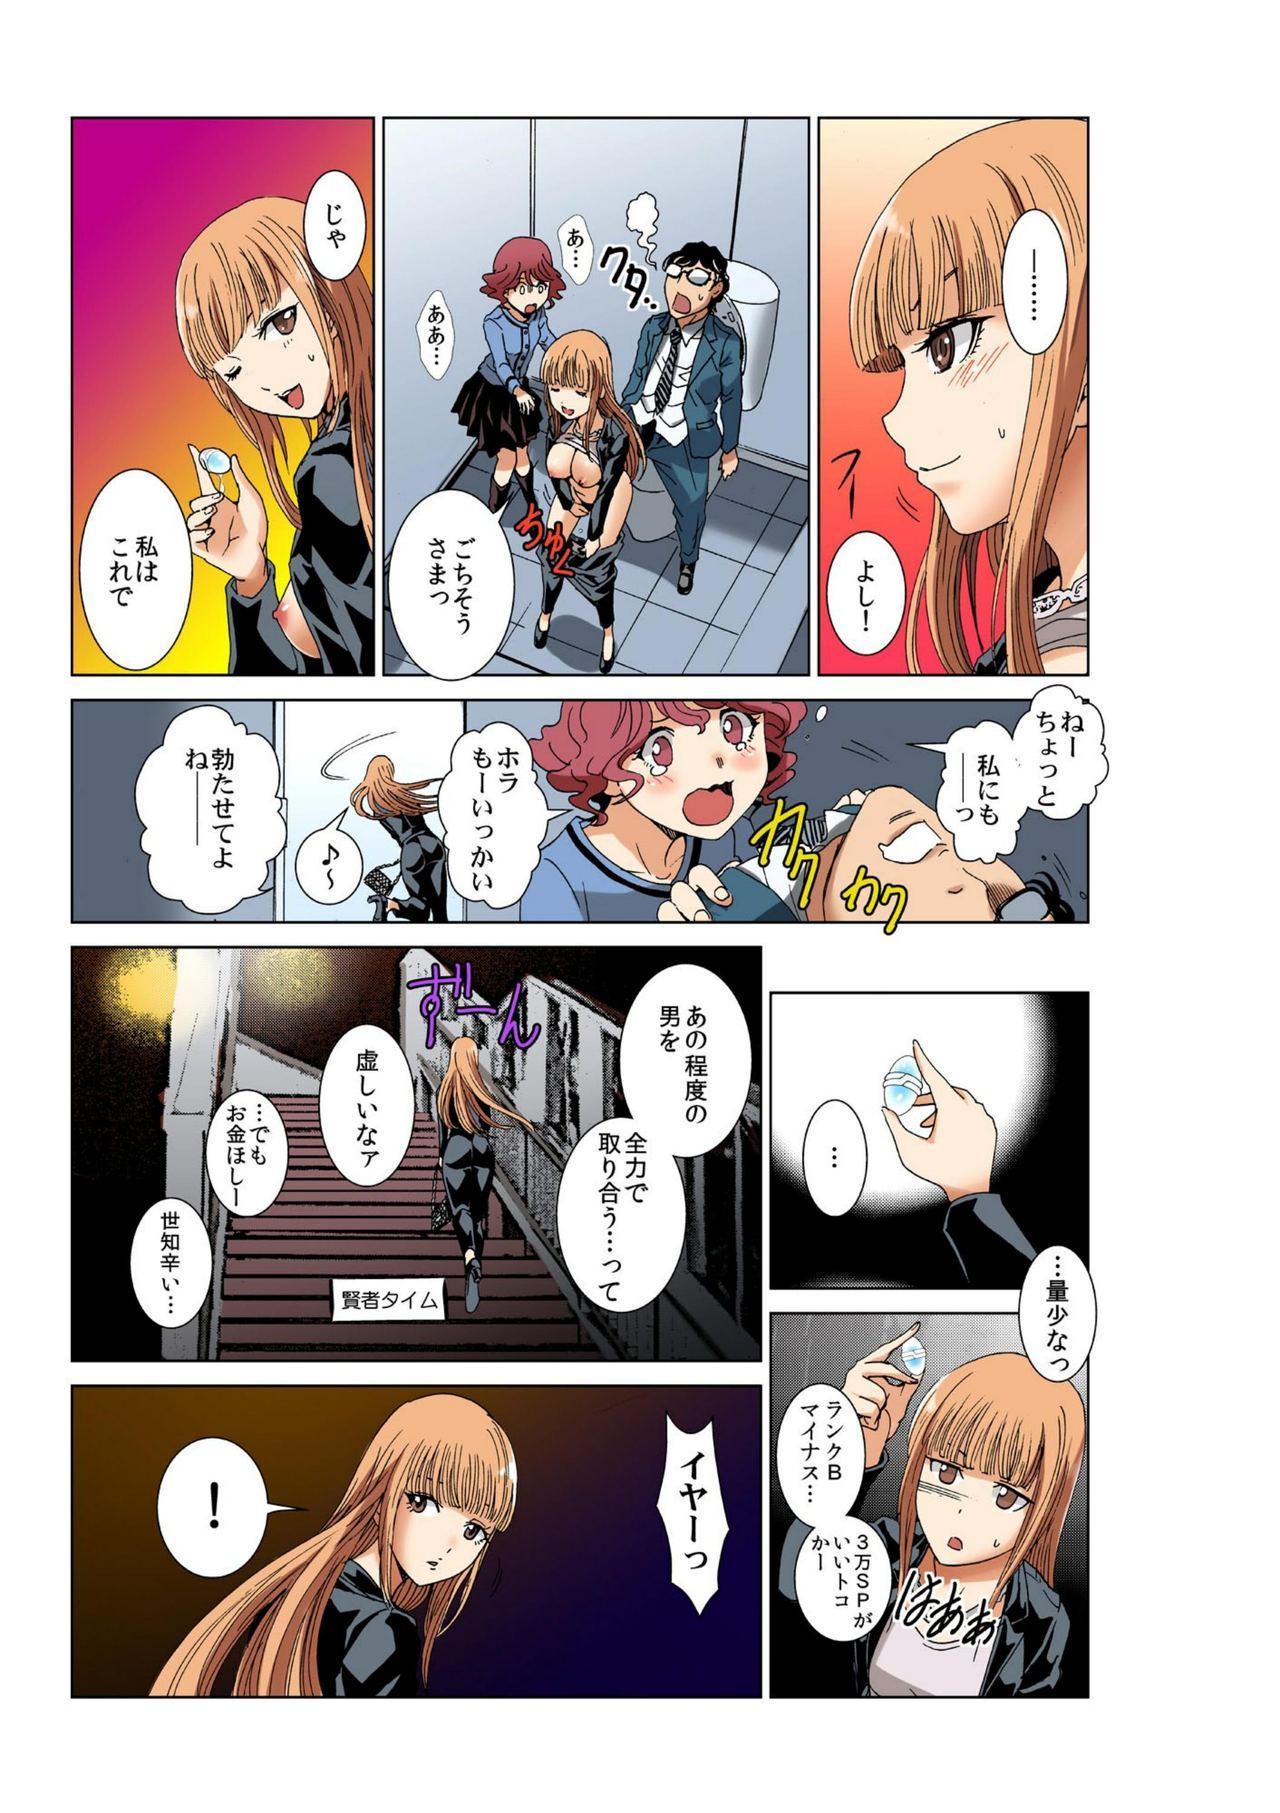 [Rurukichi] Seishi ga Kane ni Naru Jidai ~Mesubuta ga Muragaru Ore-sama no Kokan~ 1 17